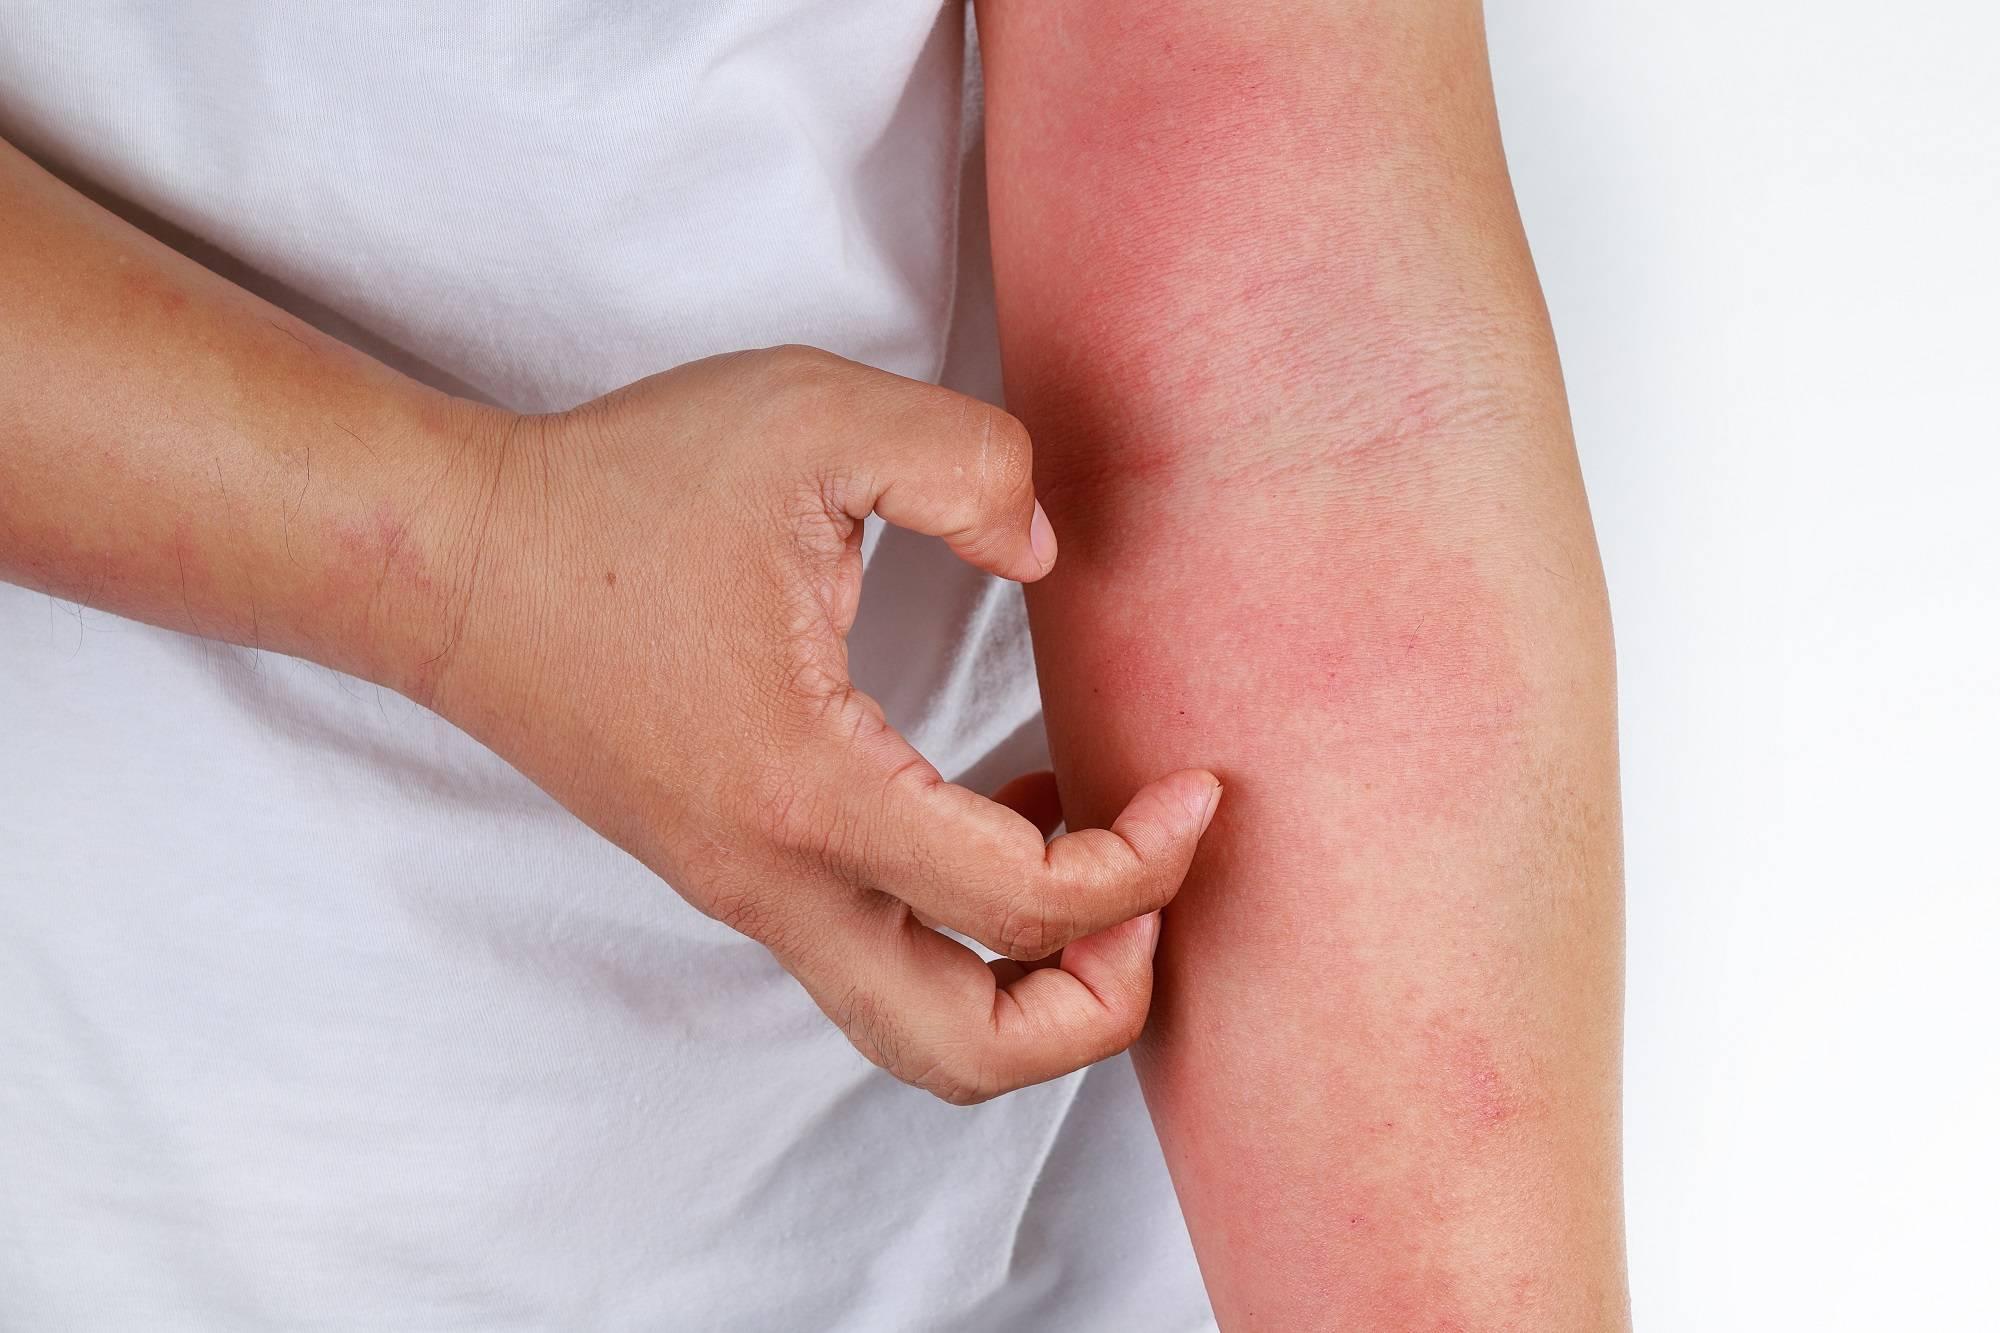 Аллергия у ребенка по всему телу • аллергия и аллергические реакции